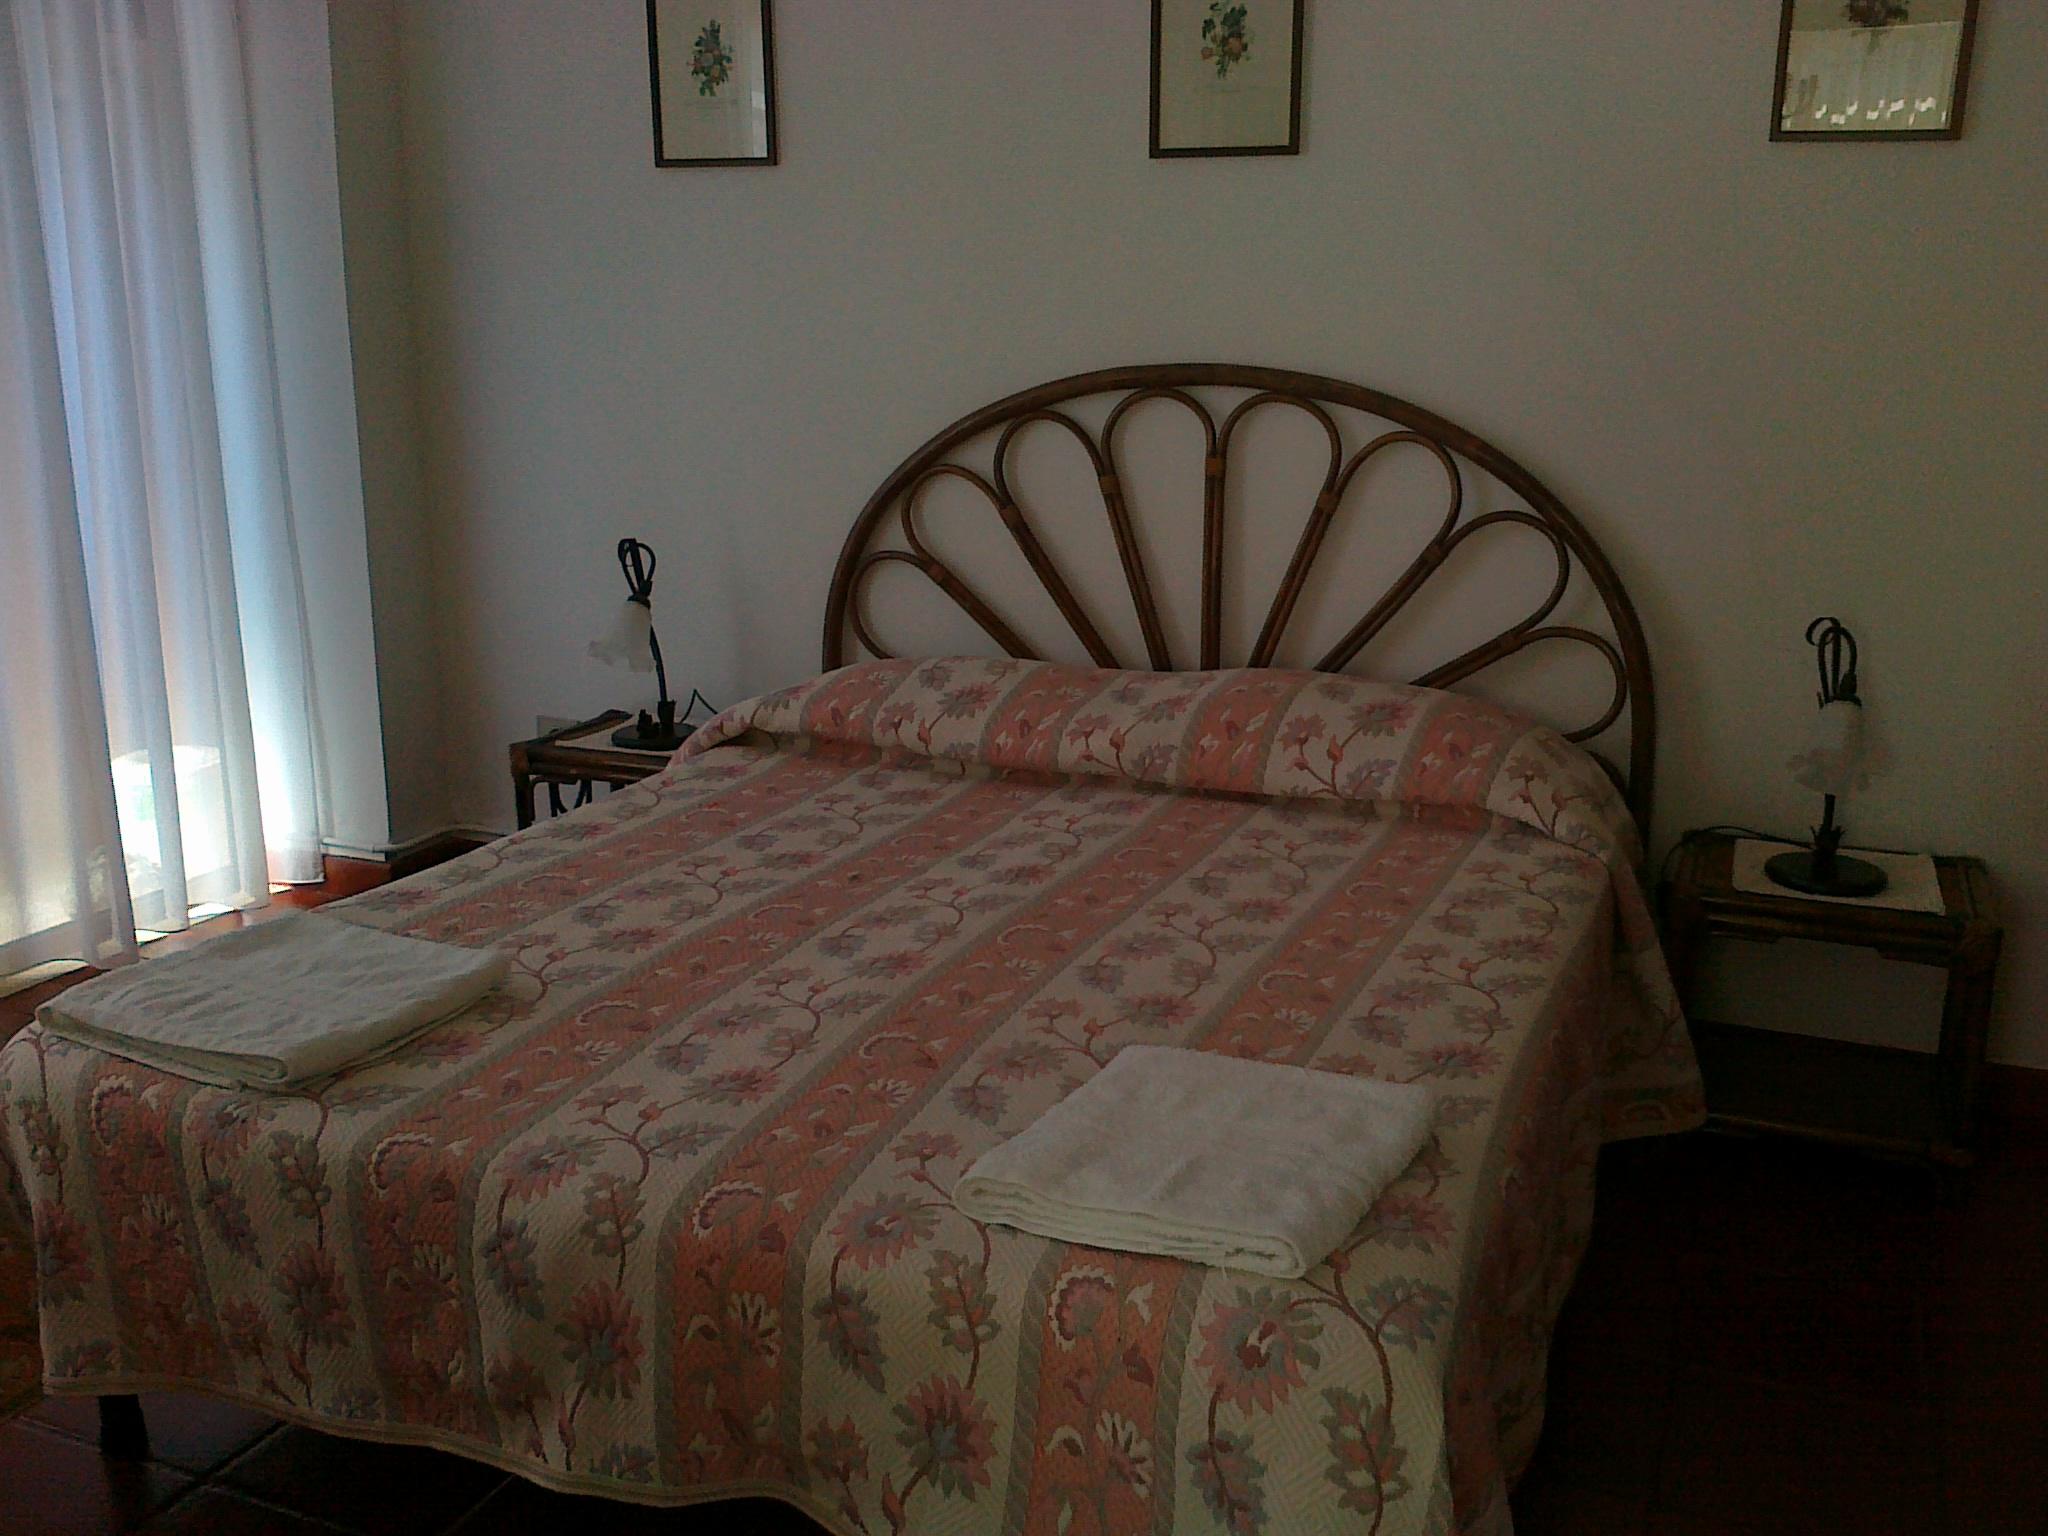 H - tel Roma h netos - tels - Roma. R - dh conservación - bergement des h - tels, auberges, alojamiento y